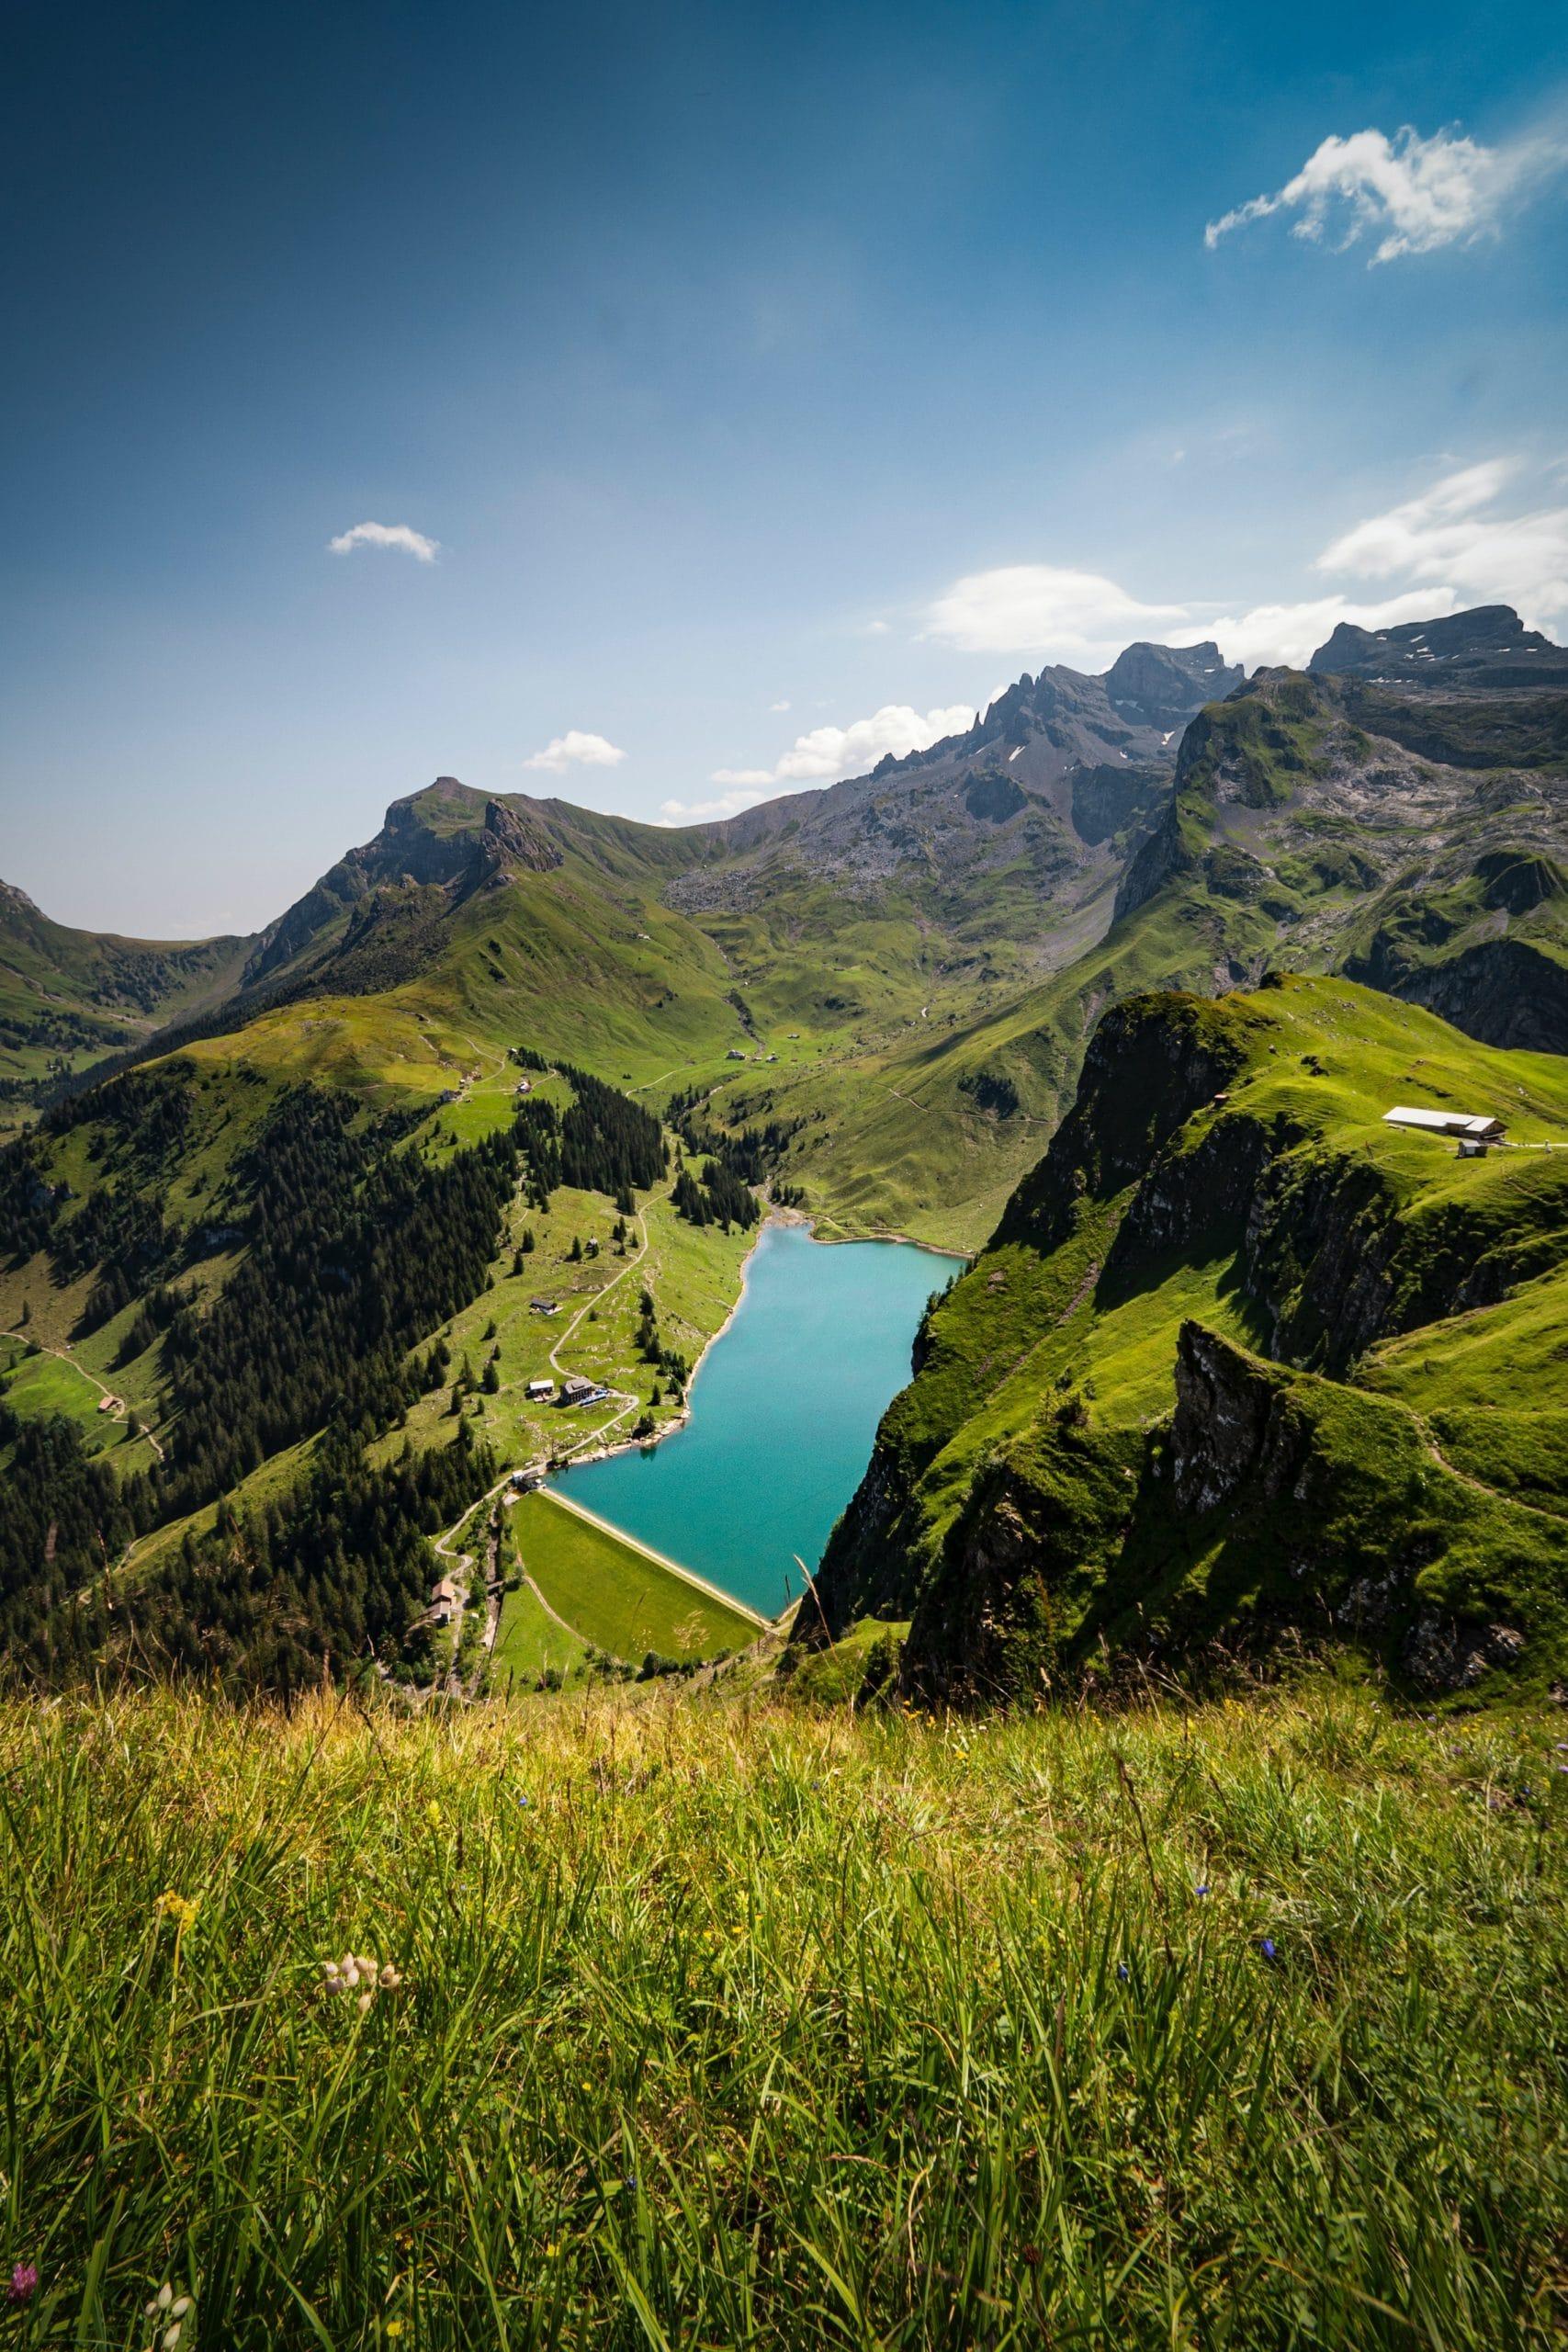 Swiss Alps Photo by Kuno Schweizer